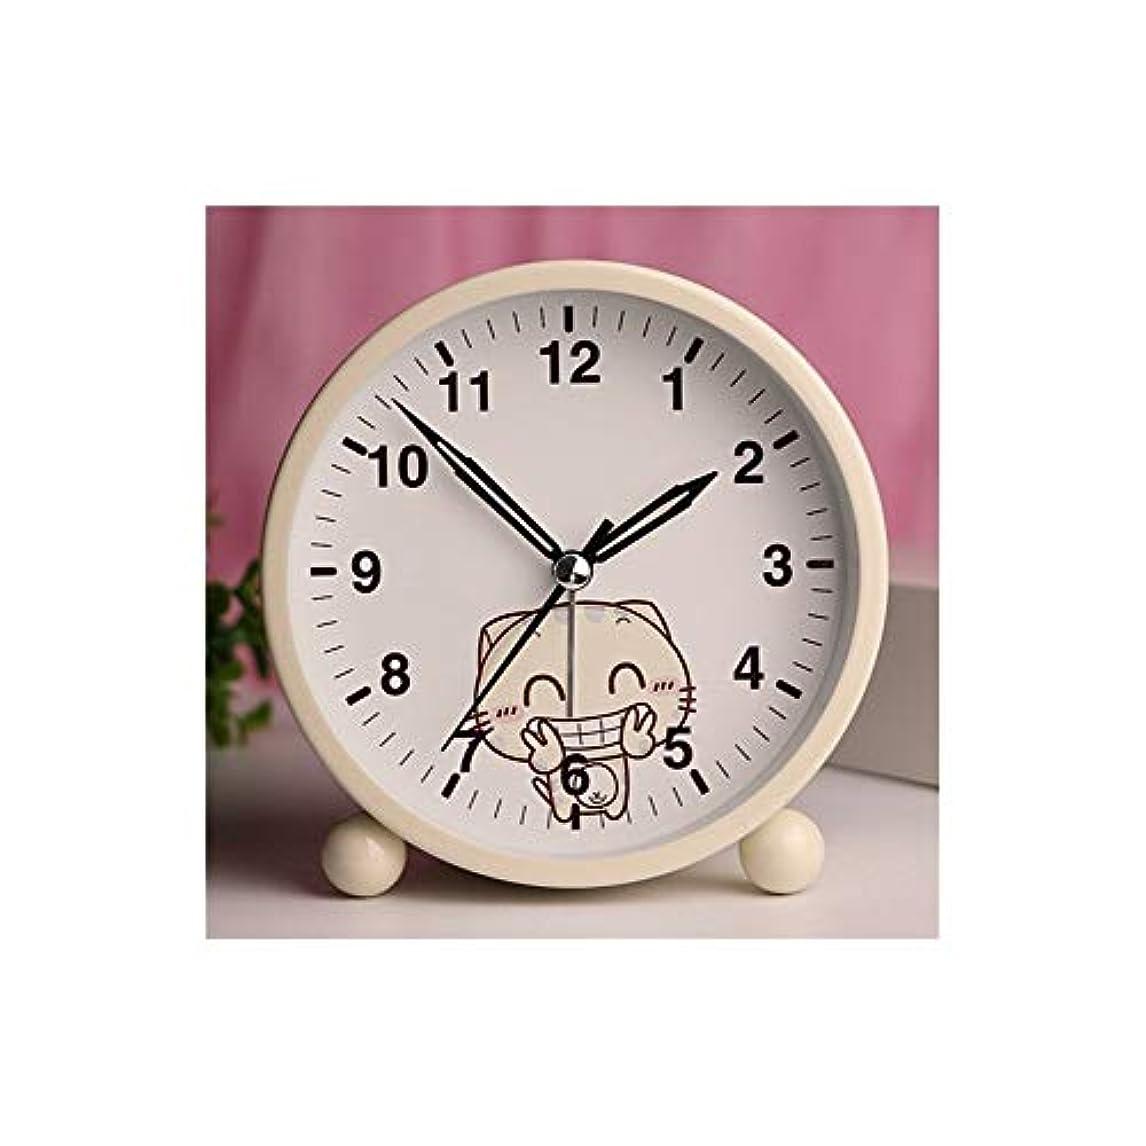 合理的ネックレス人生を作るKaiyitong001 目覚まし時計、サイレント学生かわいい目覚まし時計、寝室のシンプルな明るいベッド電子小型目覚まし時計、(黄色、ピンク) (Color : 2)